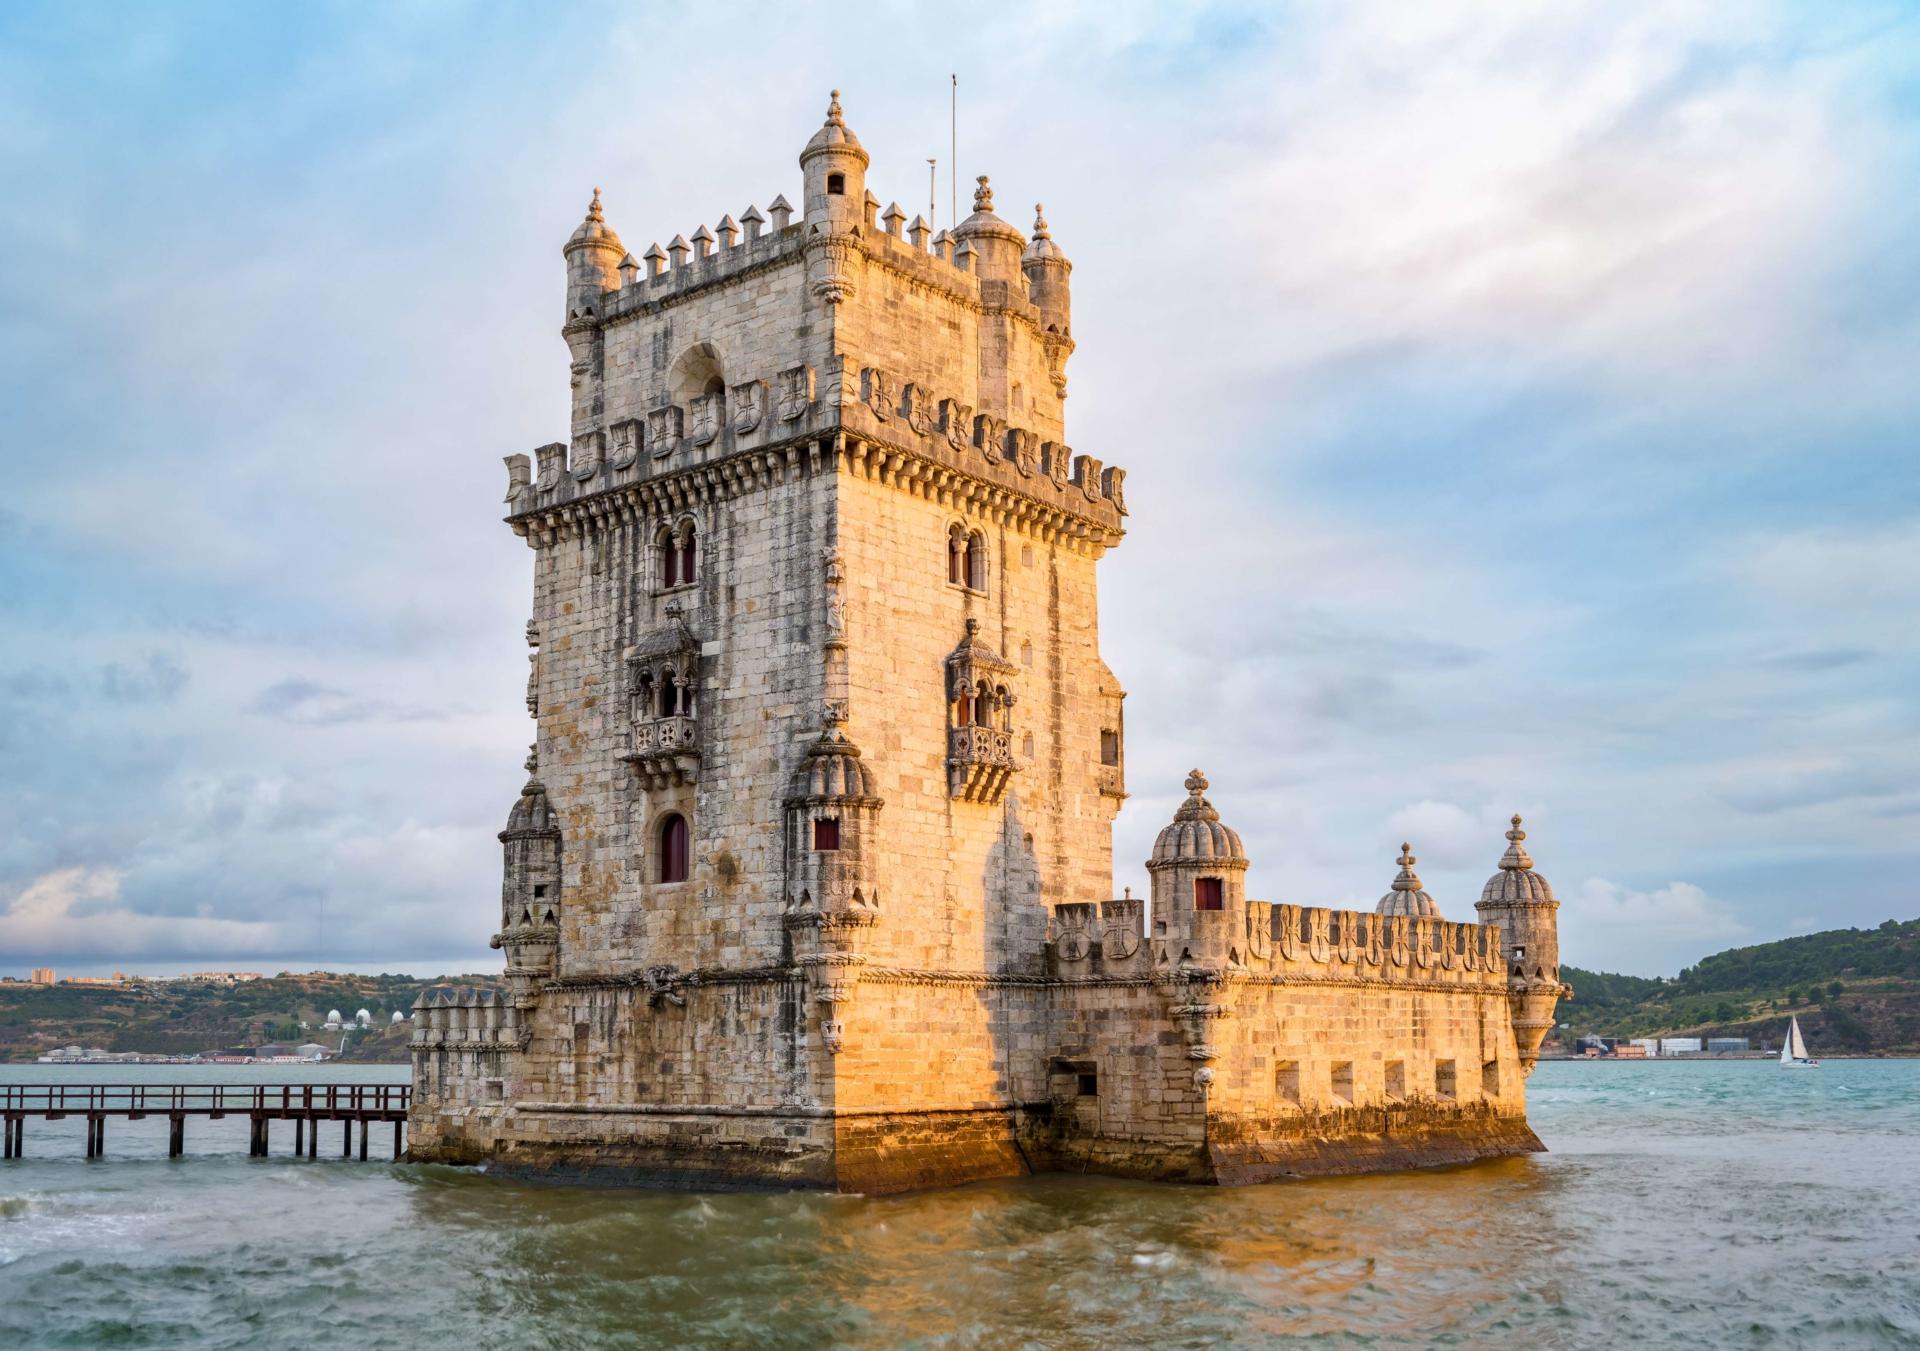 Tour de de Belem, Lisbonne, Portugal